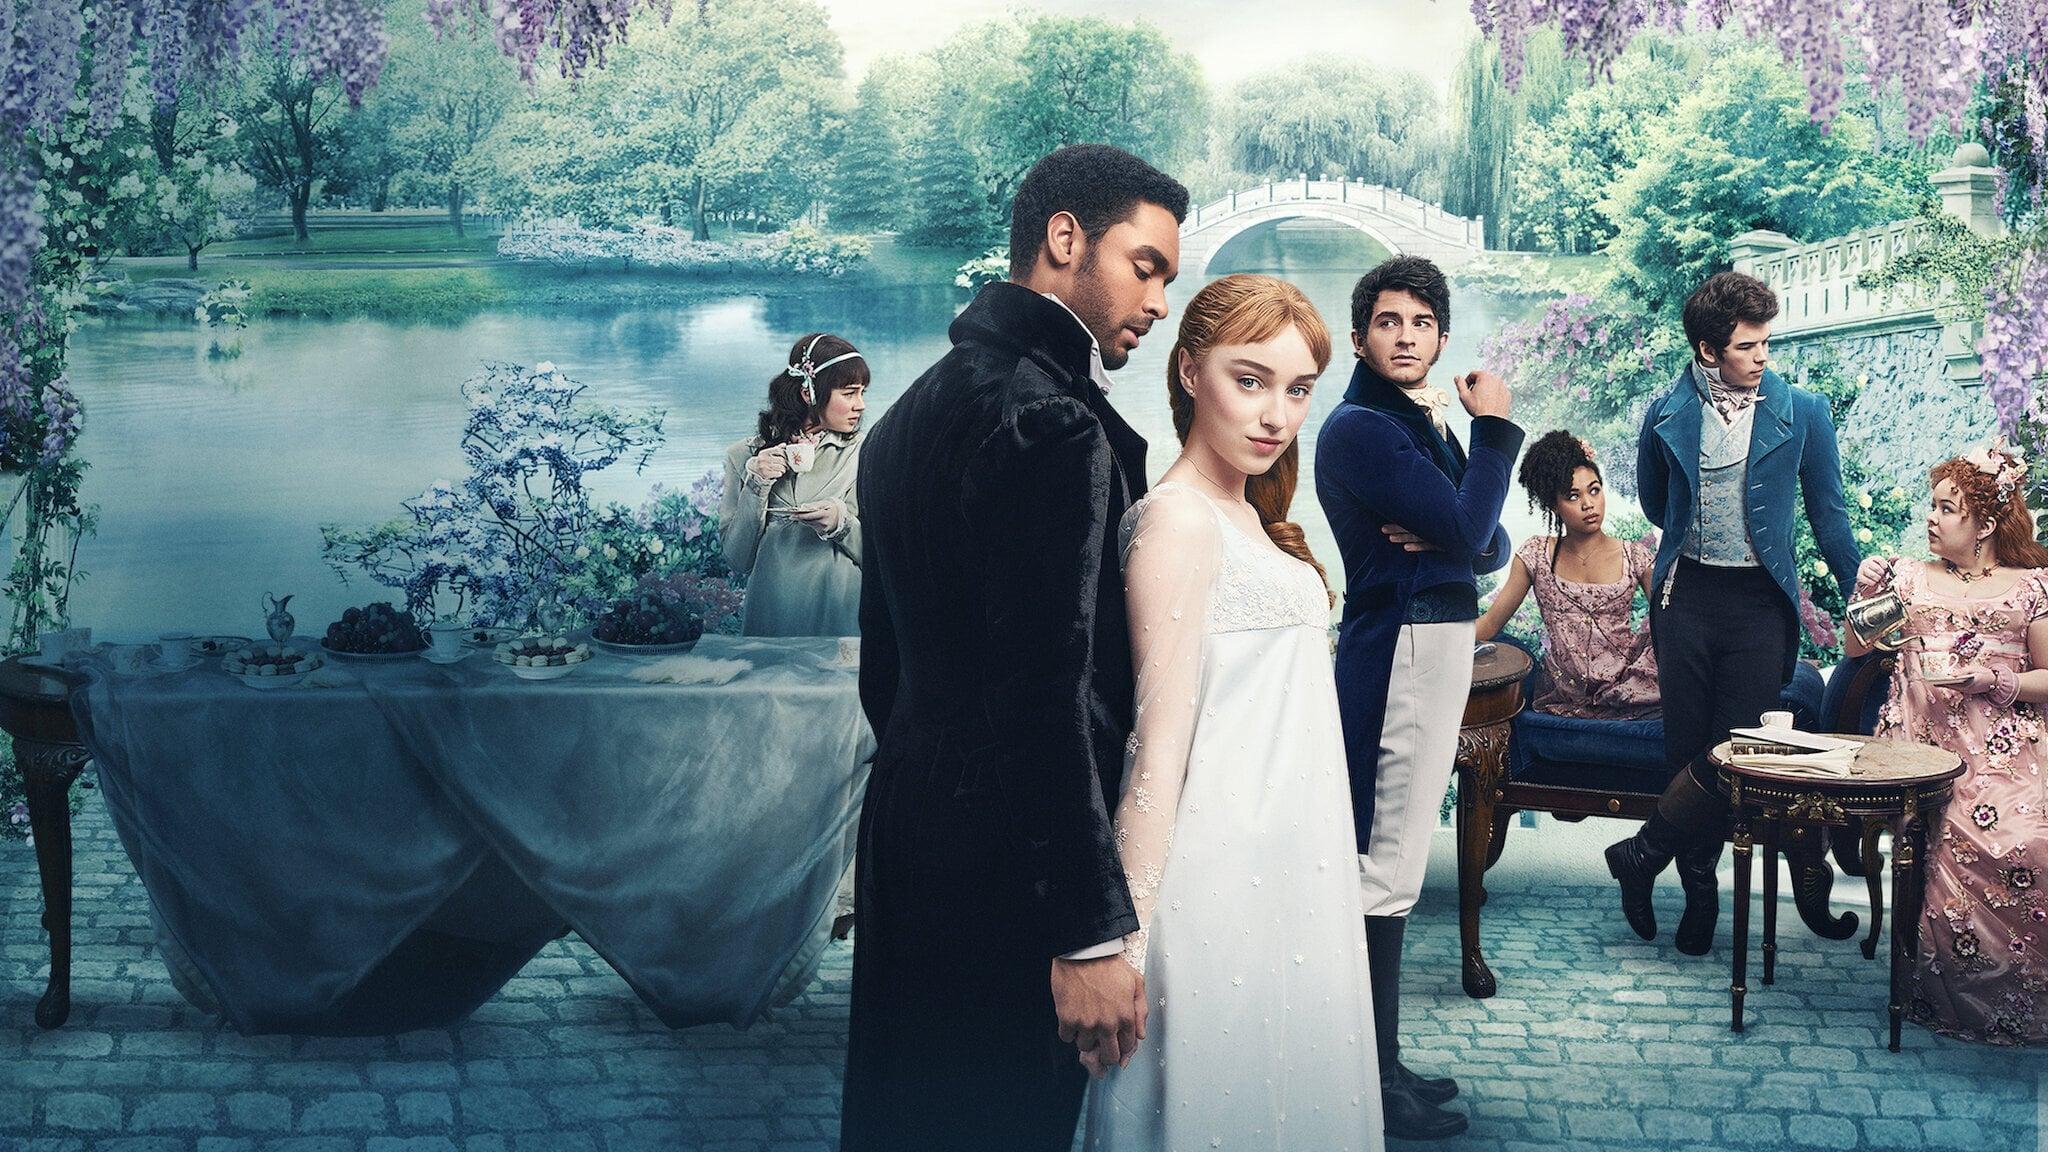 Bridgerton - Season 1